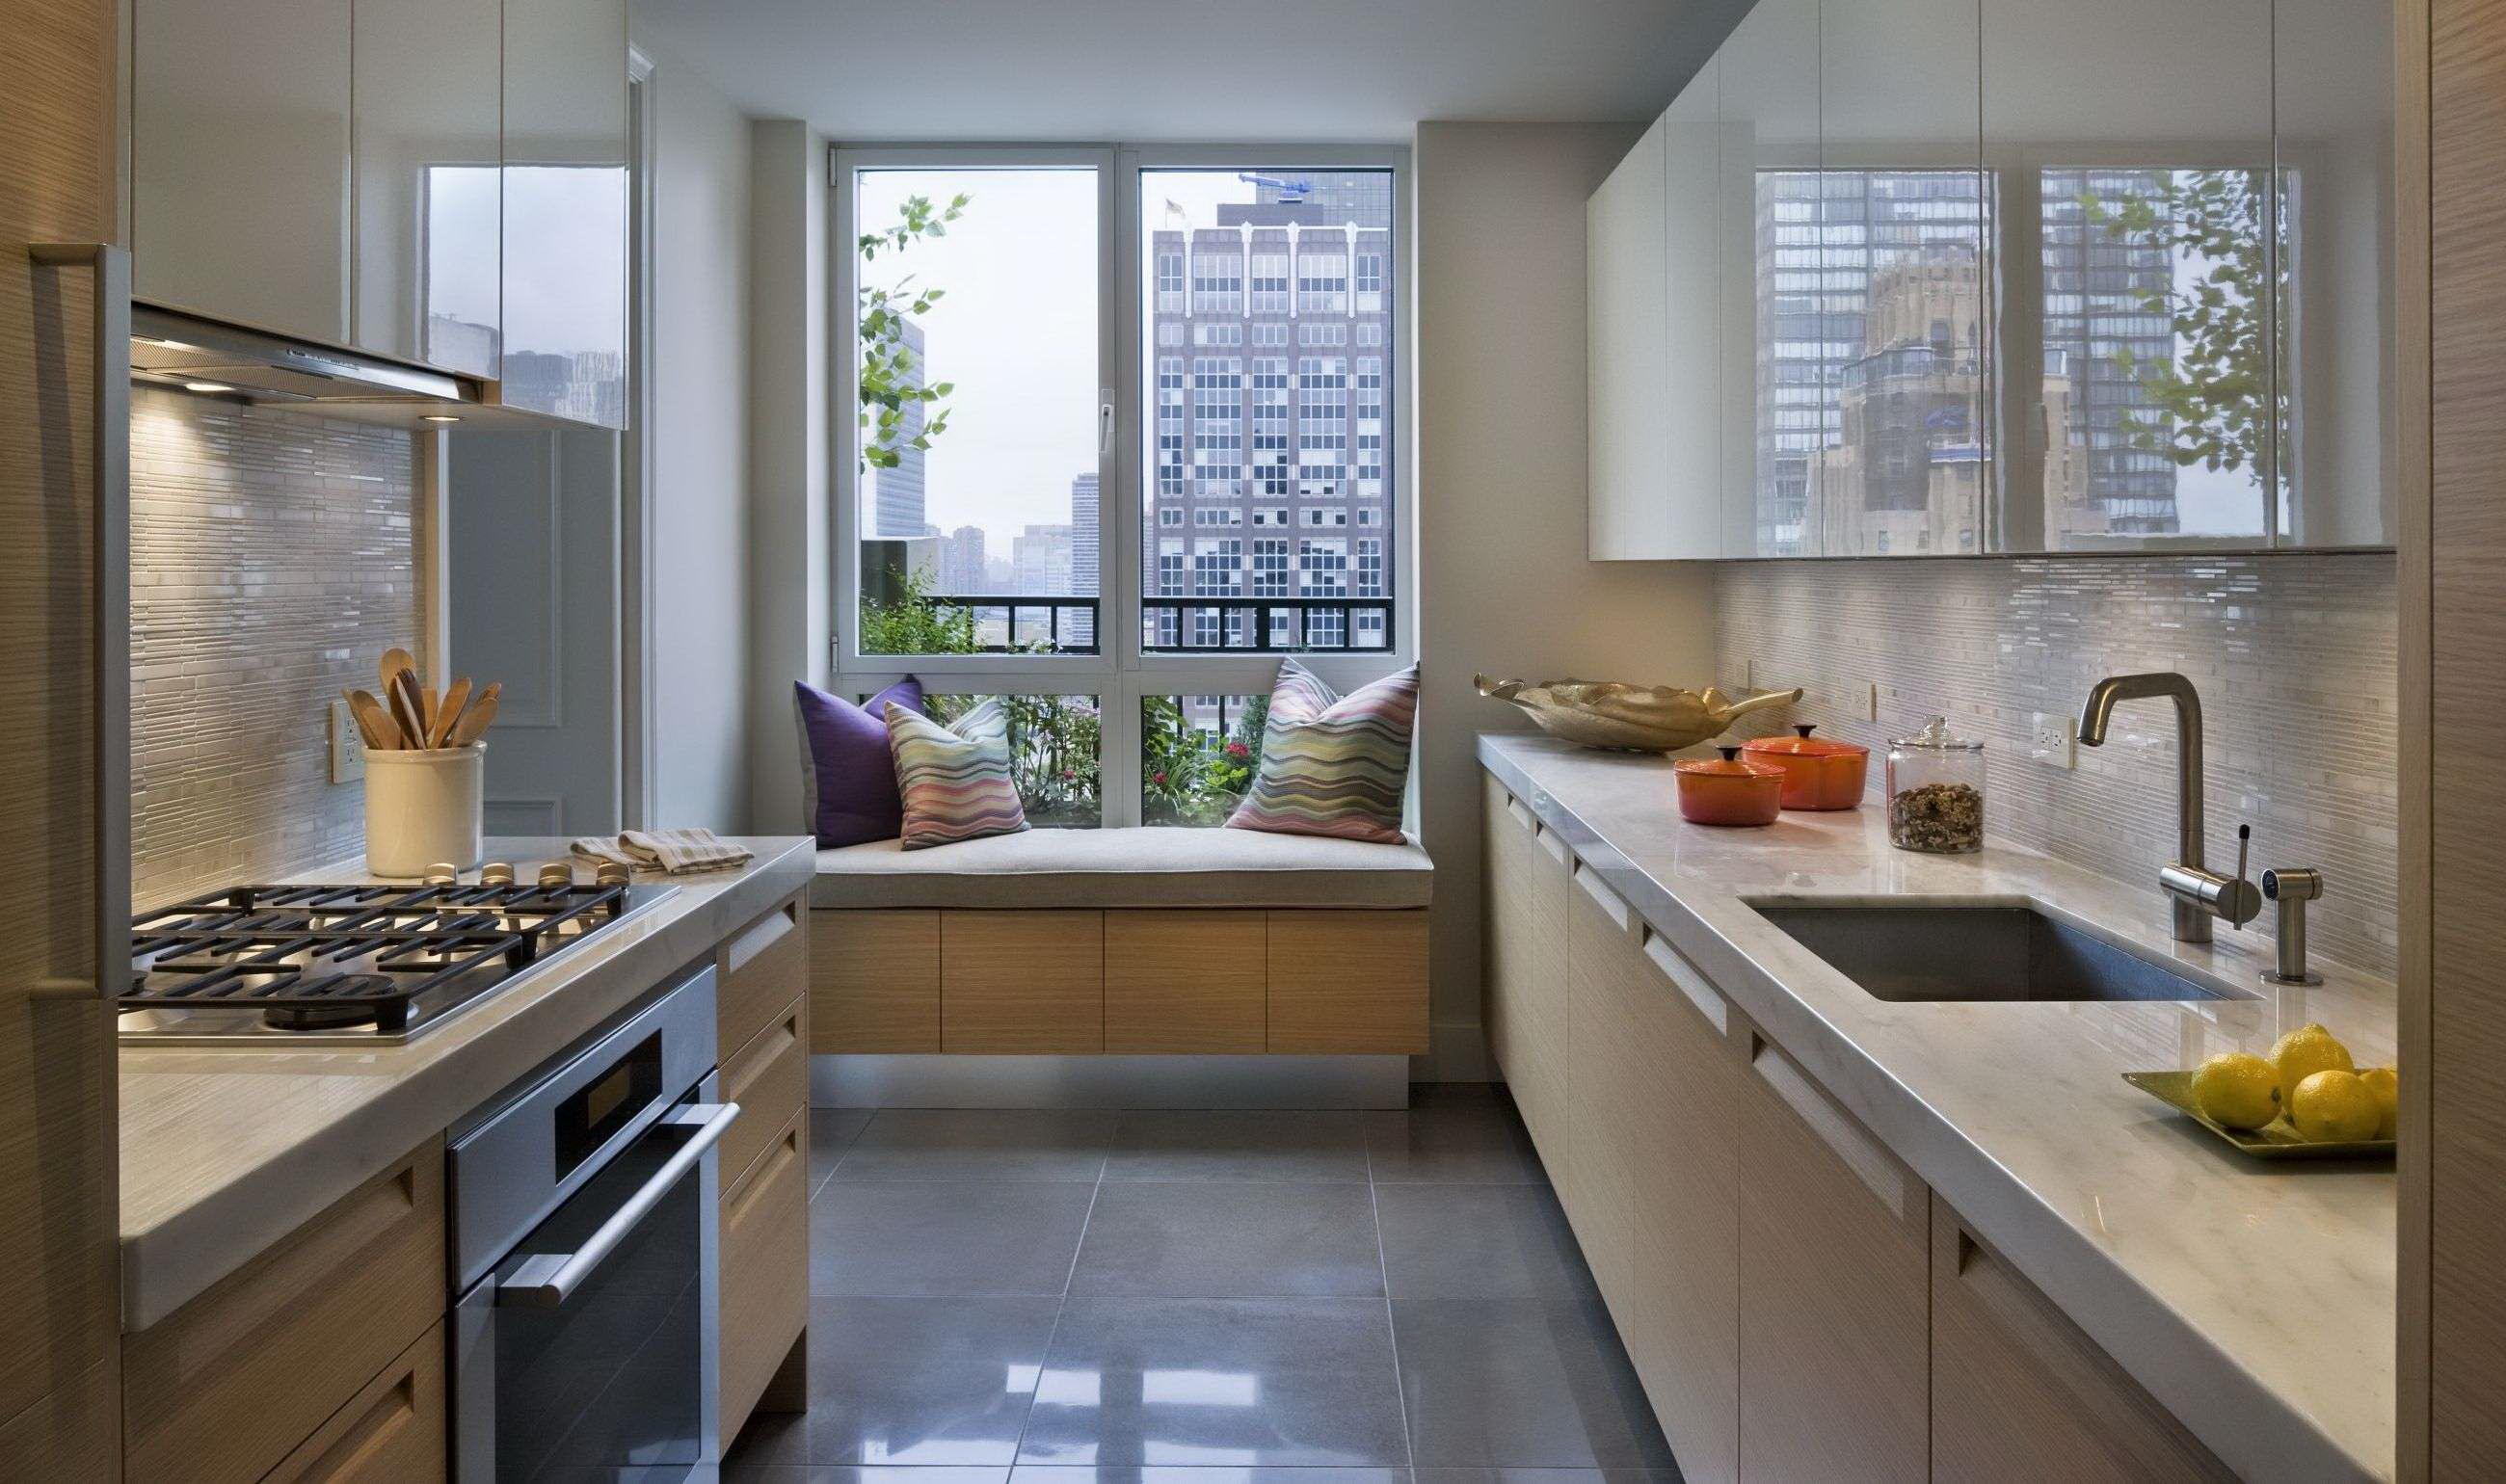 Дизайн узкой кухни модерн дизайн кухни - фото, описание, сов.